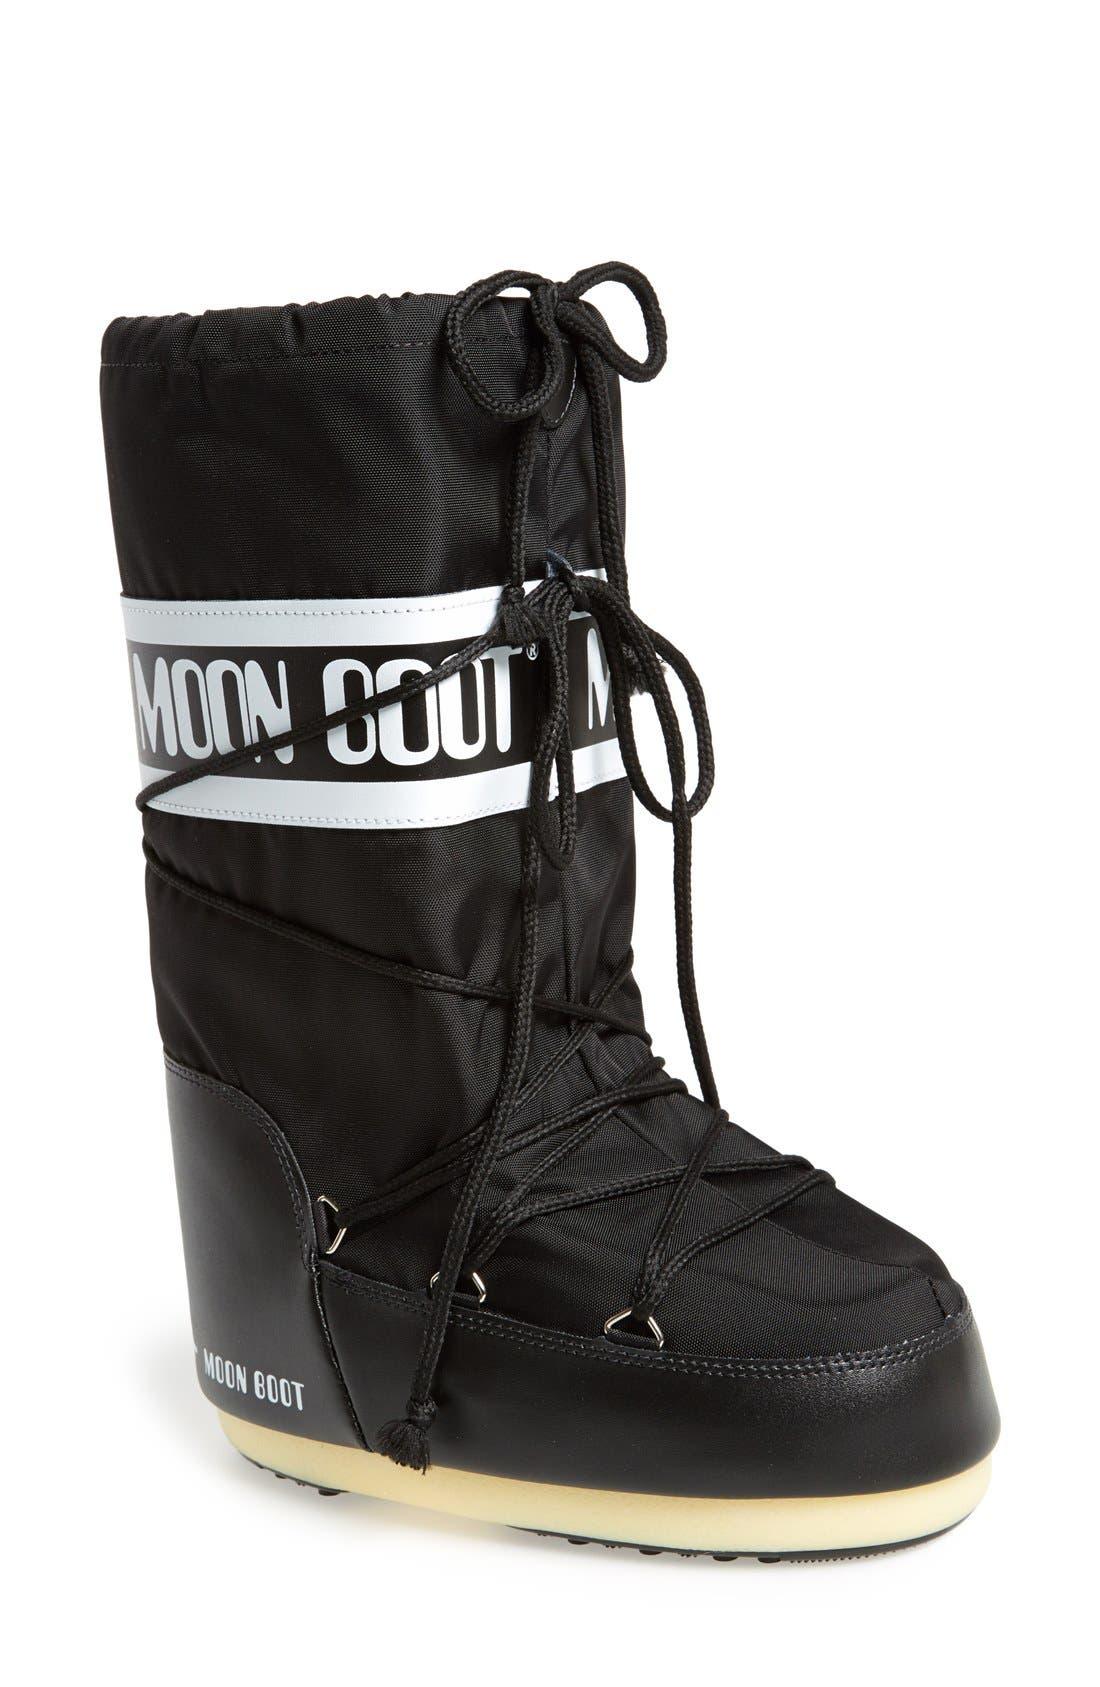 TECNICA® 'Original' Moon Boot®